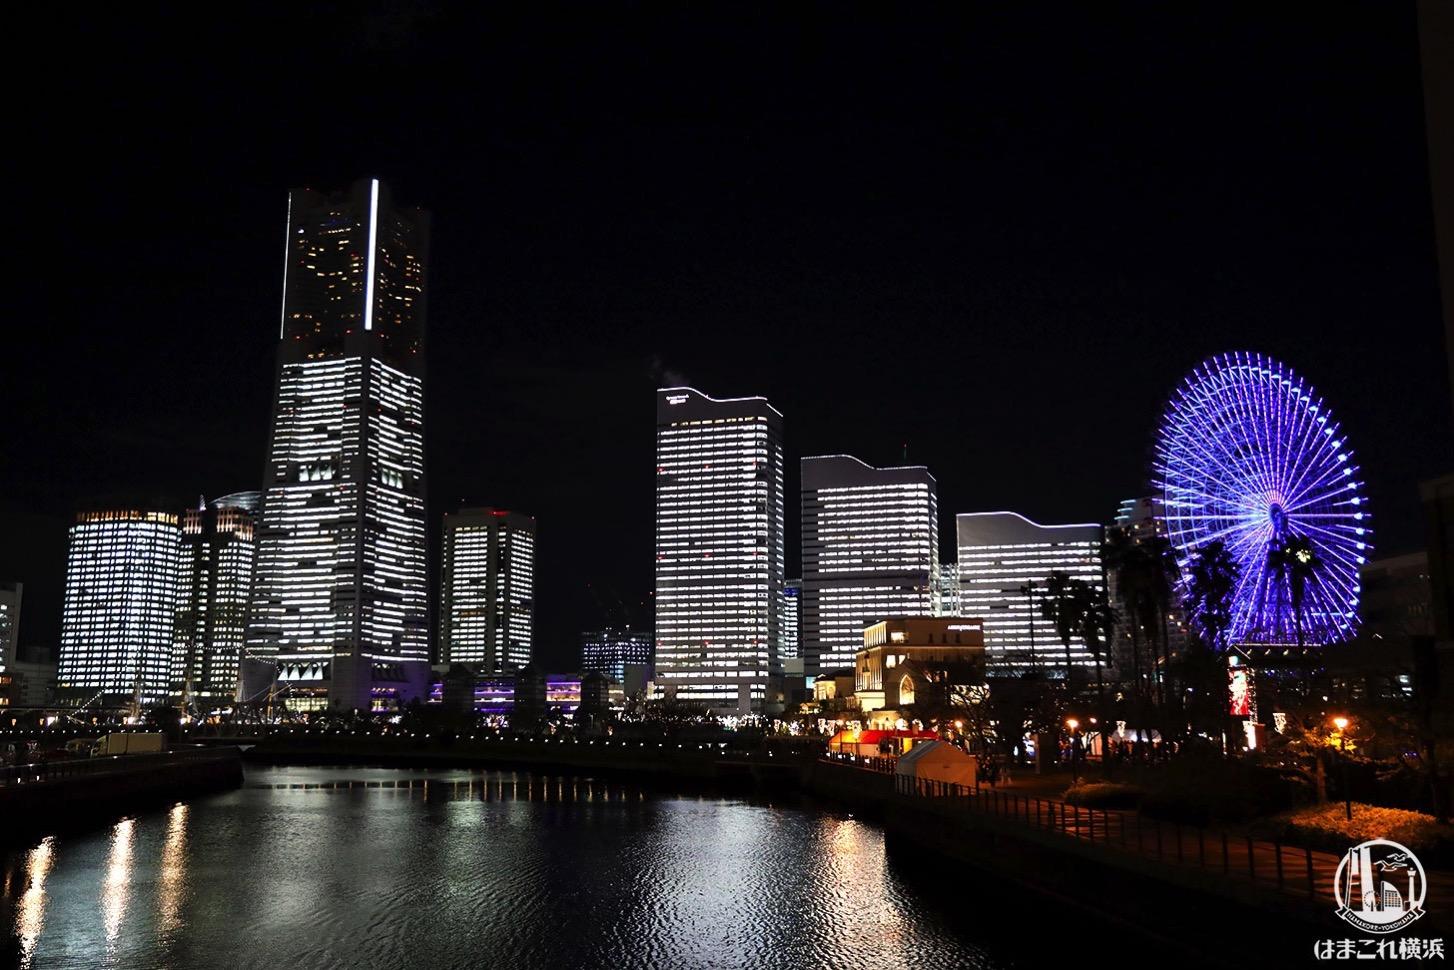 タワーズミライト2020、12月24日開催!横浜みなとみらいのオフィス全館点灯